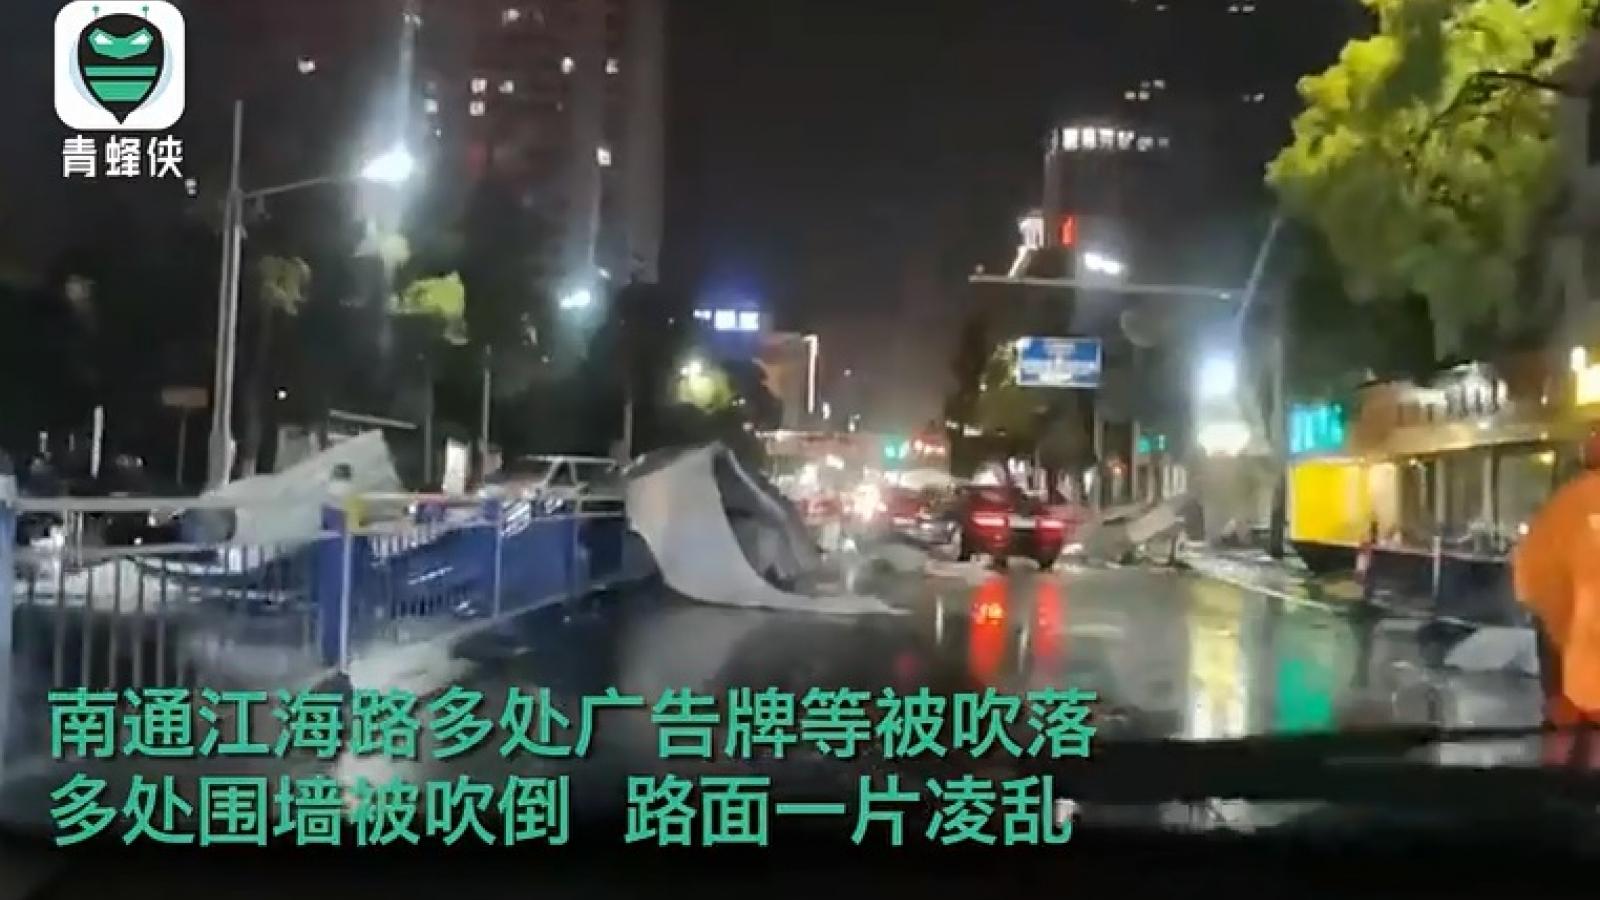 Thời tiết cực đoan ở Giang Tô (Trung Quốc) khiến hơn 100 người thương vong